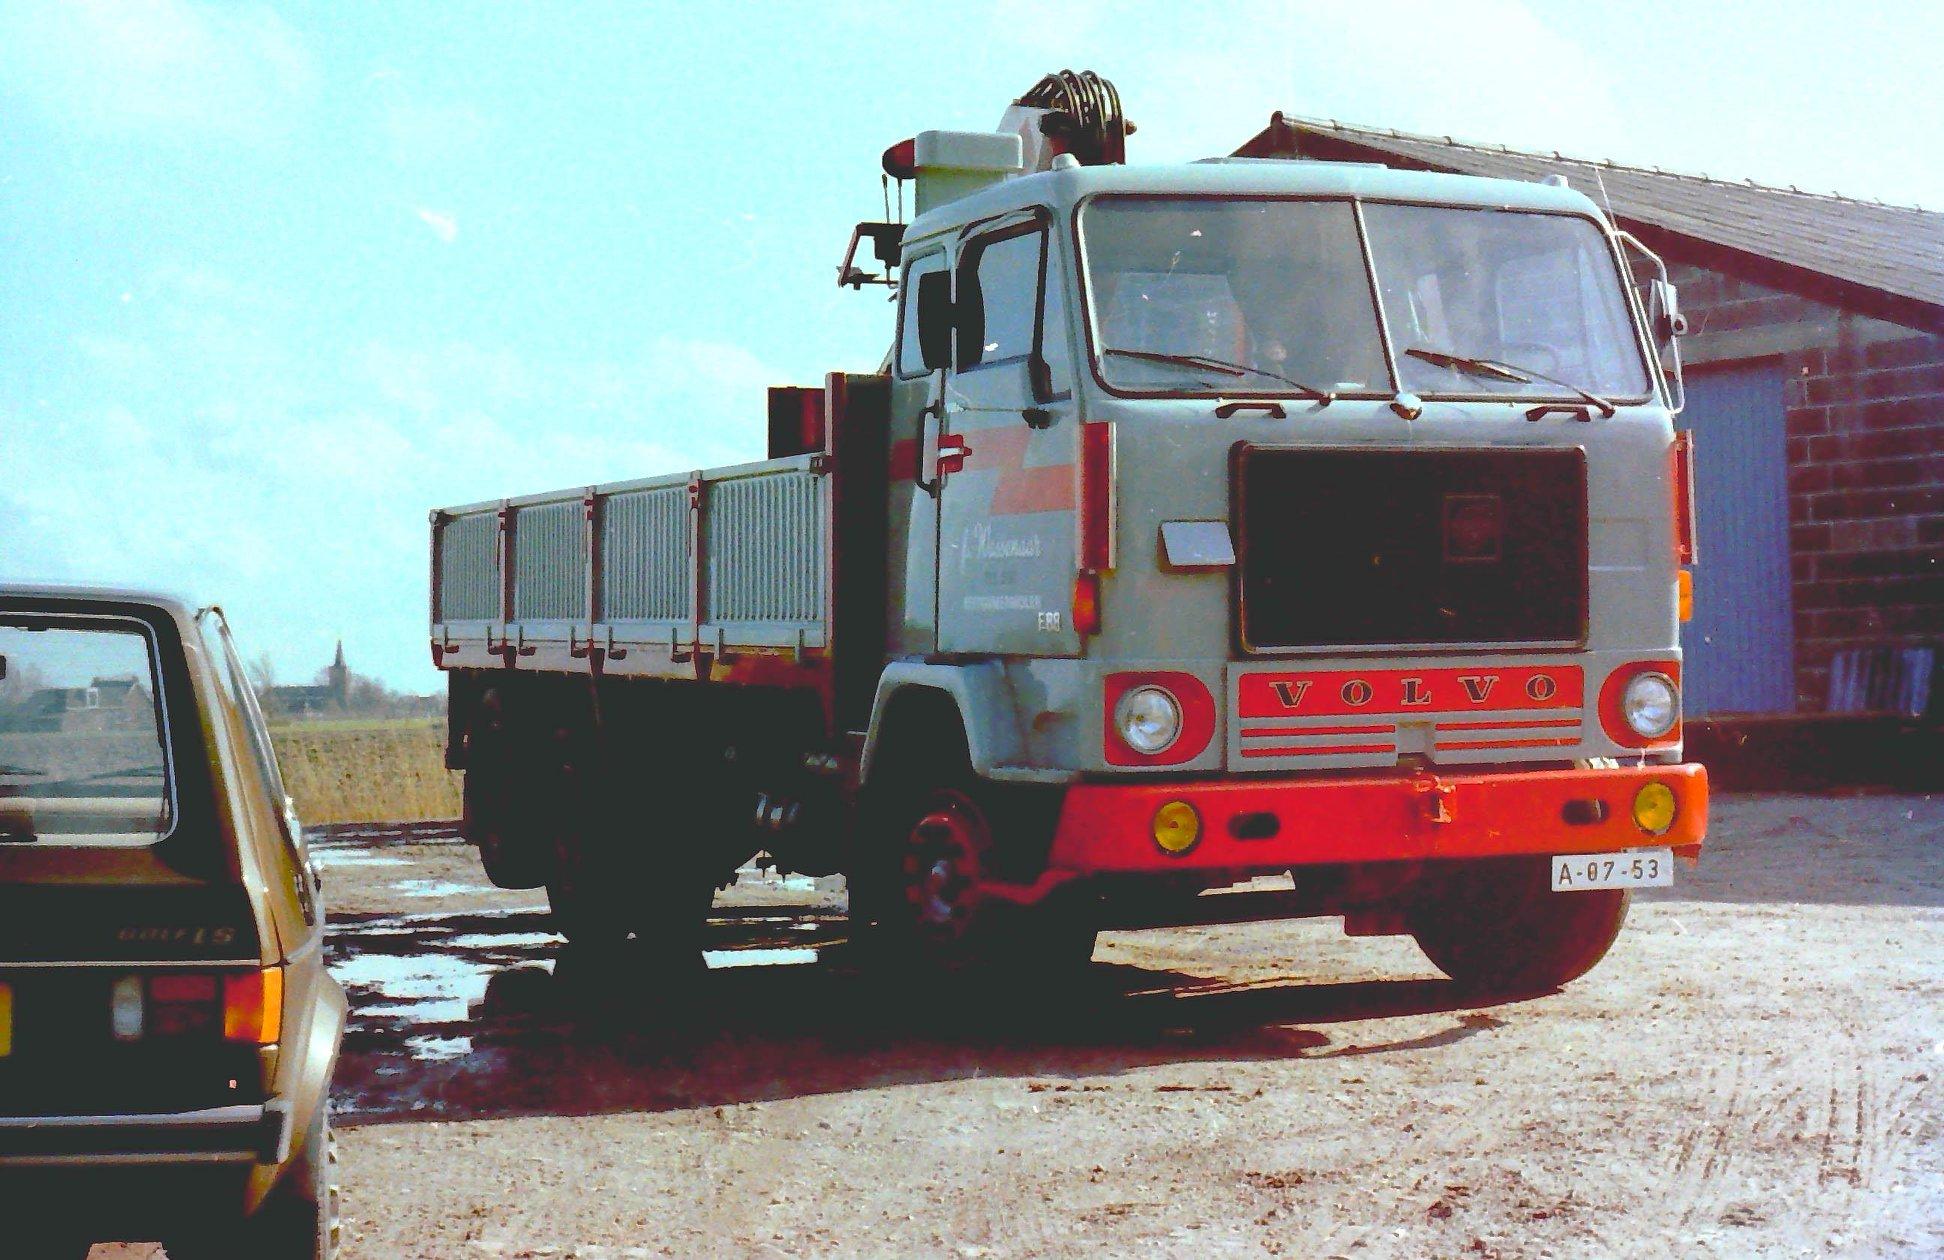 2-vrachtautos-van-Wassenaar-in-Beetgumermolen-gemaakt-voor-de-oude-loods-in-Beetgumermolen--fotos-door-mij-gemaakt-Lolle-2